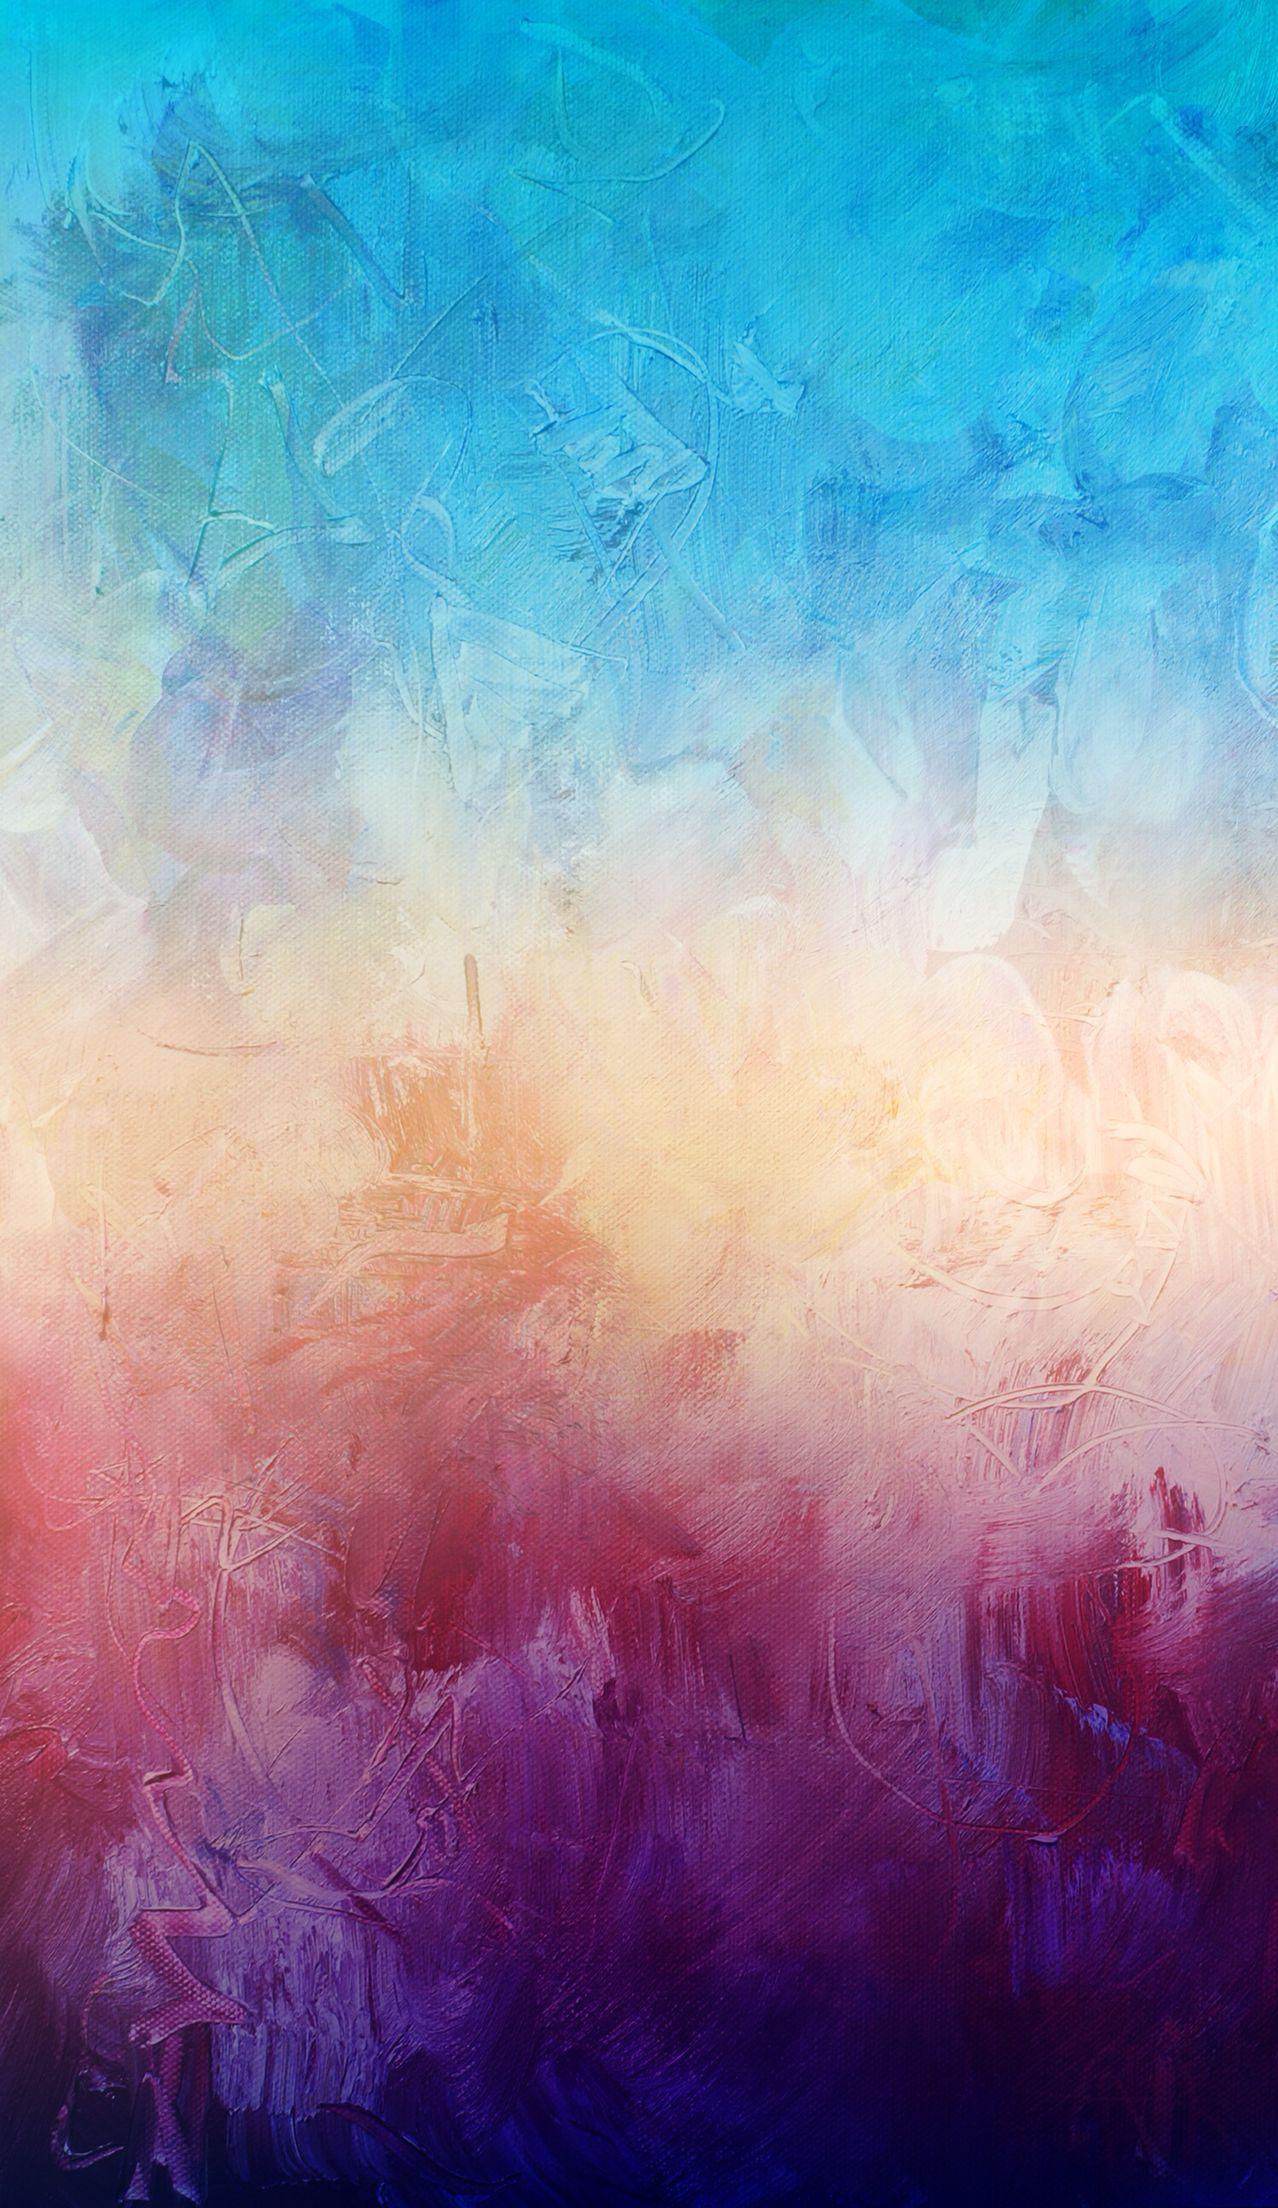 Wallpaper Iphone 6 Plus Watercolor Wallpaper Iphone Iphone 6s Wallpaper Watercolor Wallpaper